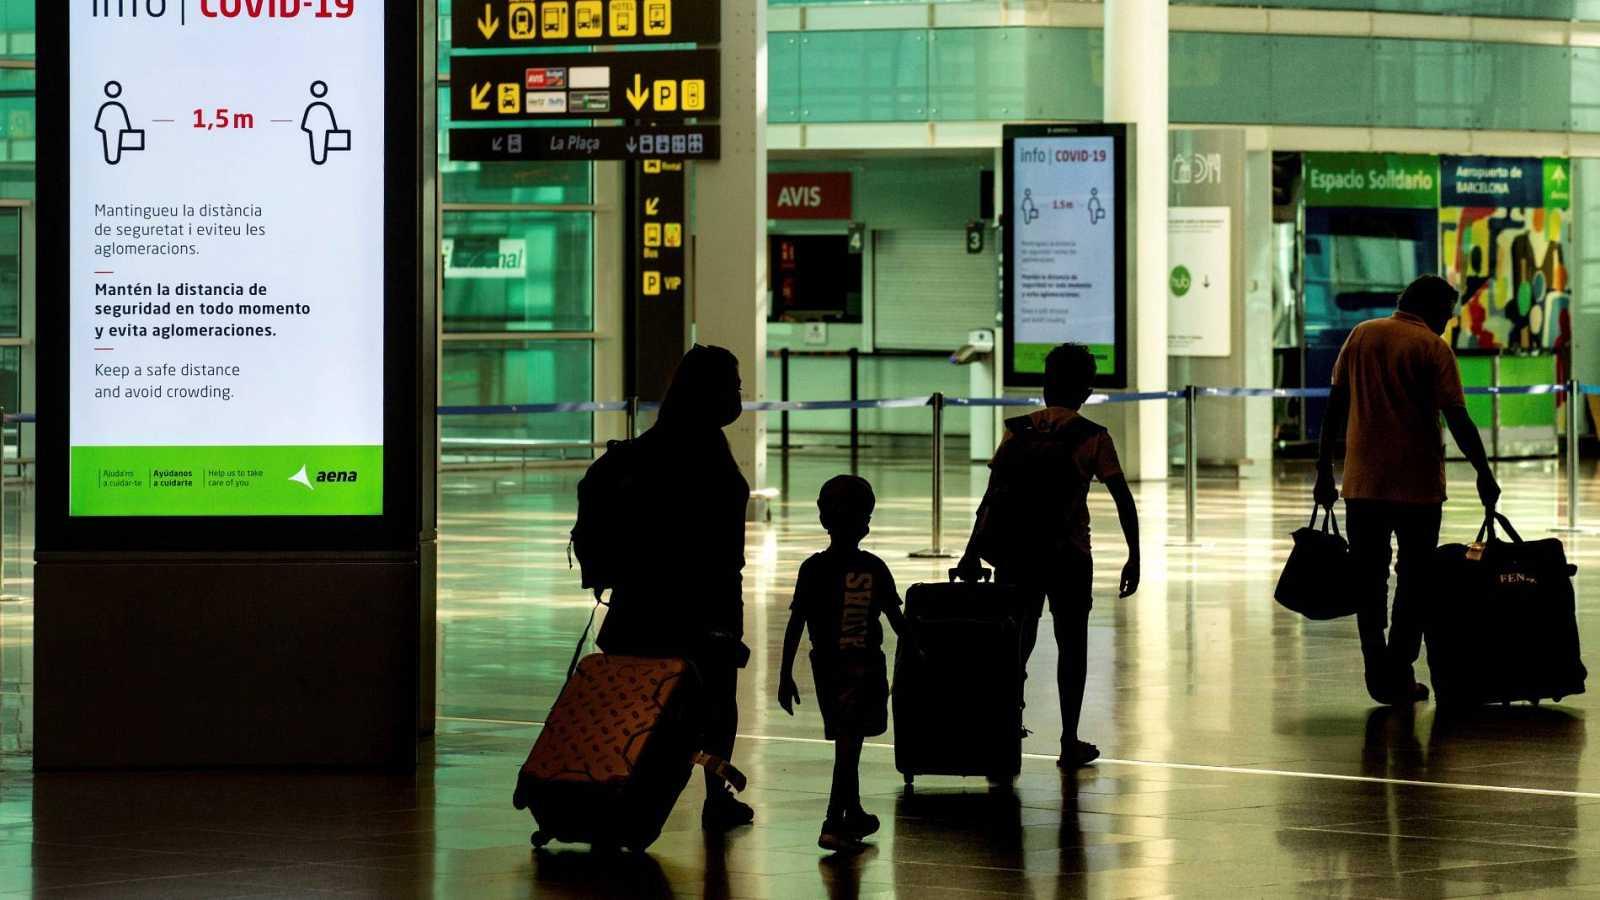 Viajeros con máscaras sanitarias caminan este miércoles por la Terminal 1 del aeropuerto Josep Tarradelles - El Prat, en Barcelona